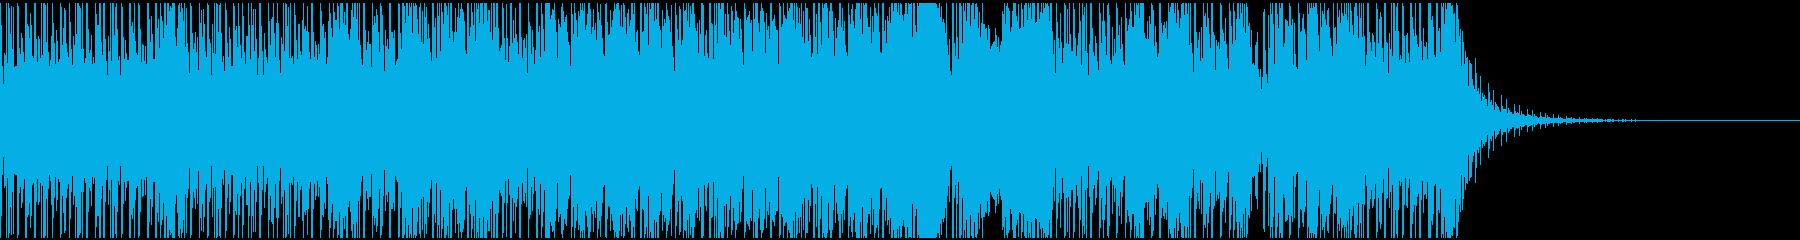 陽気なストリングテクノ(強スイング)の再生済みの波形